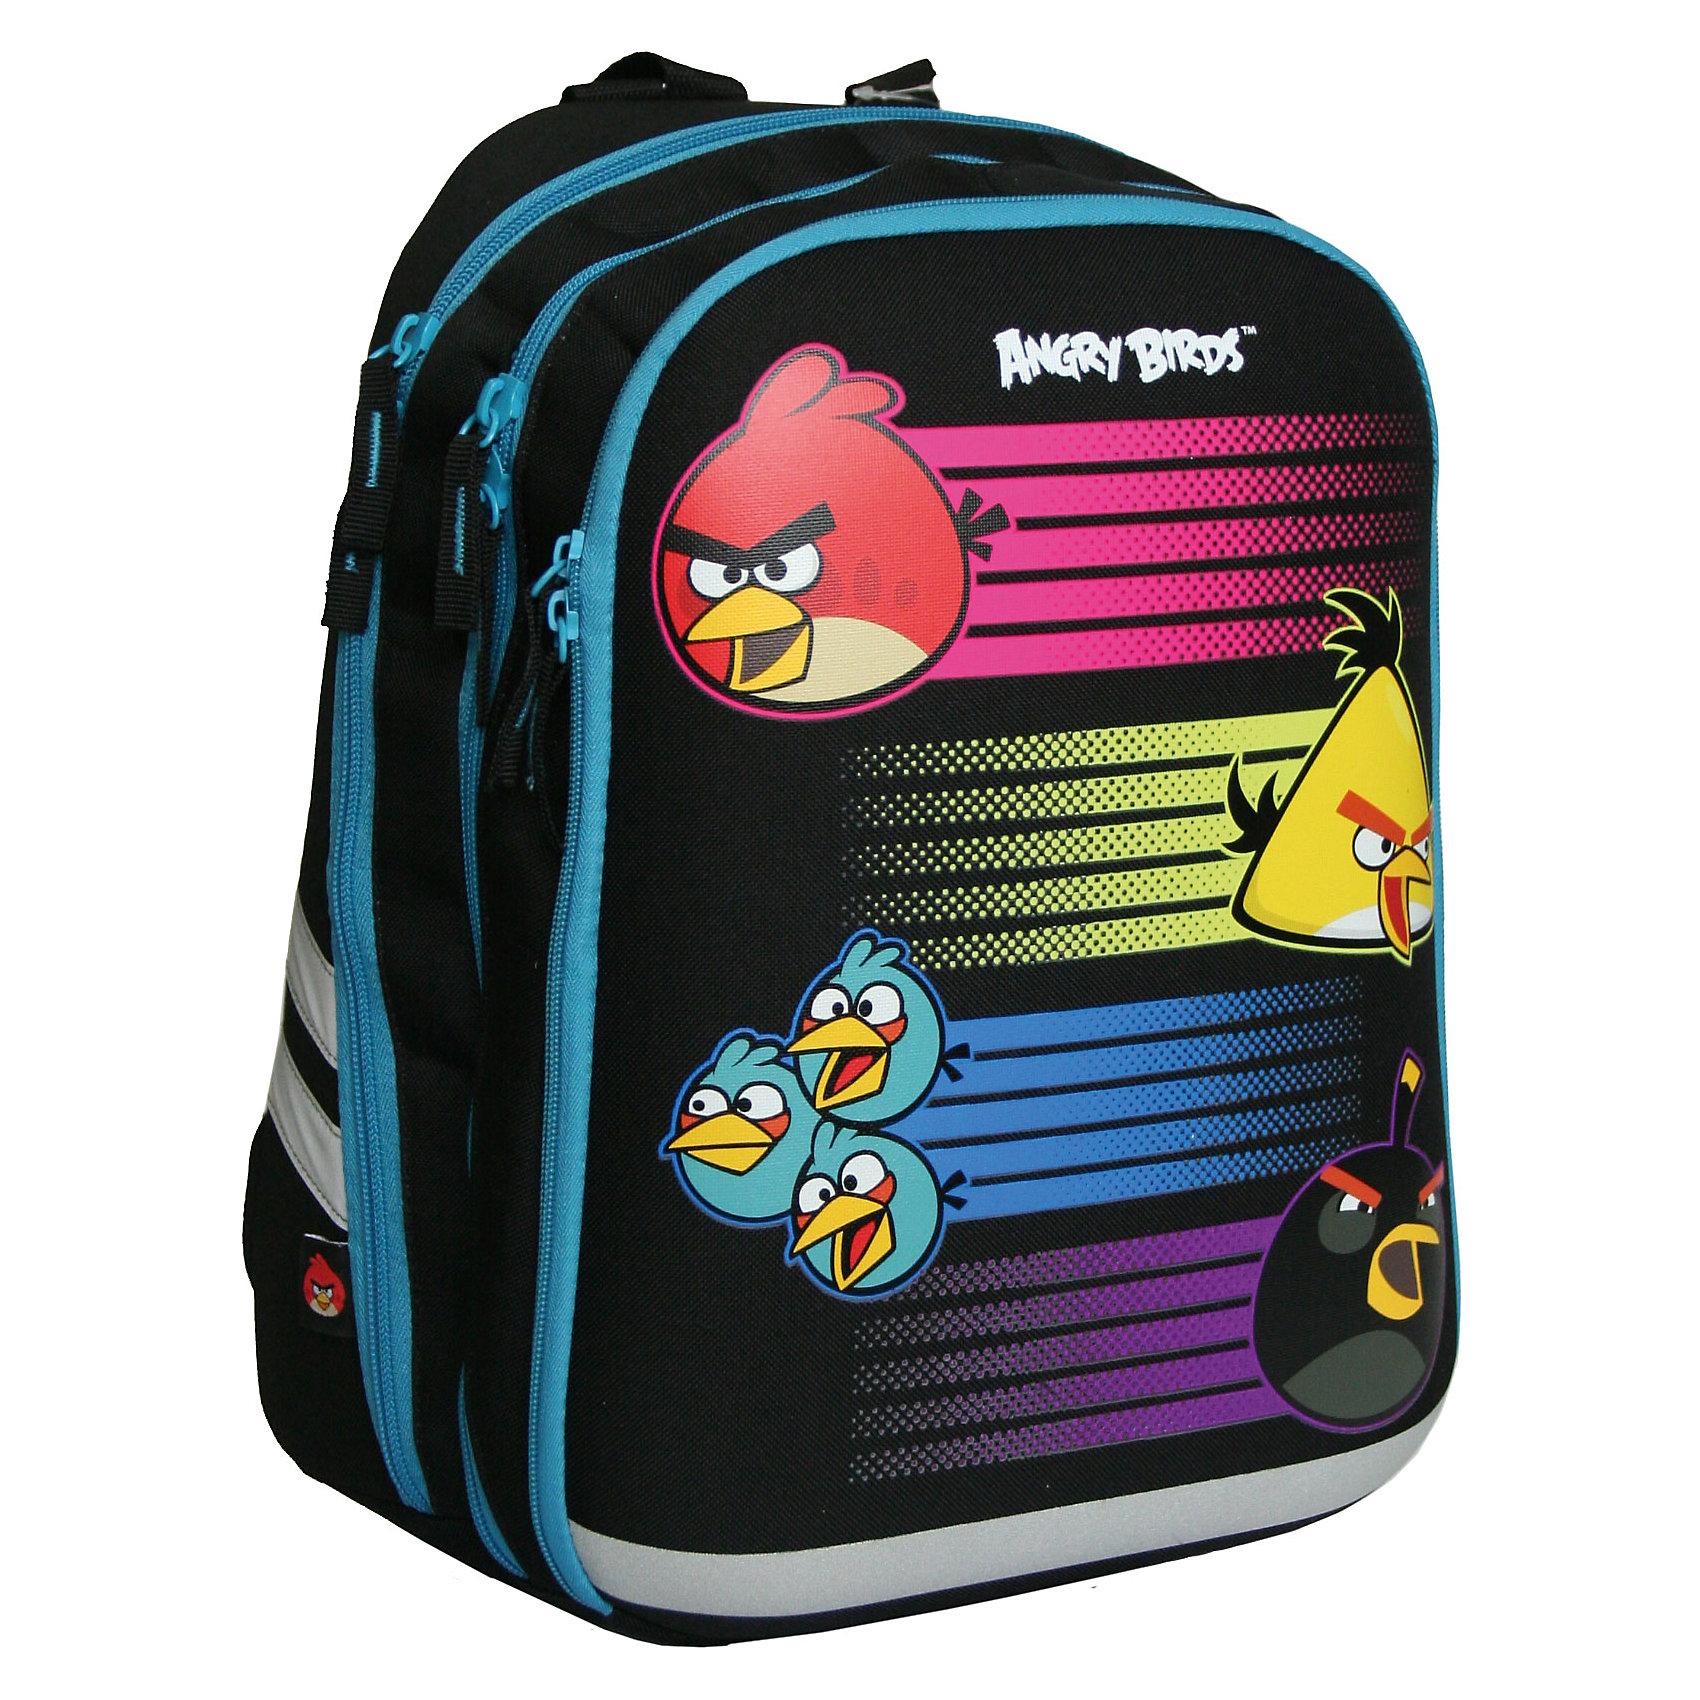 Академия групп Школьный рюкзак с ортопедической спинкой, Angry Birds академия групп сумка рюкзак для обуви angry birds